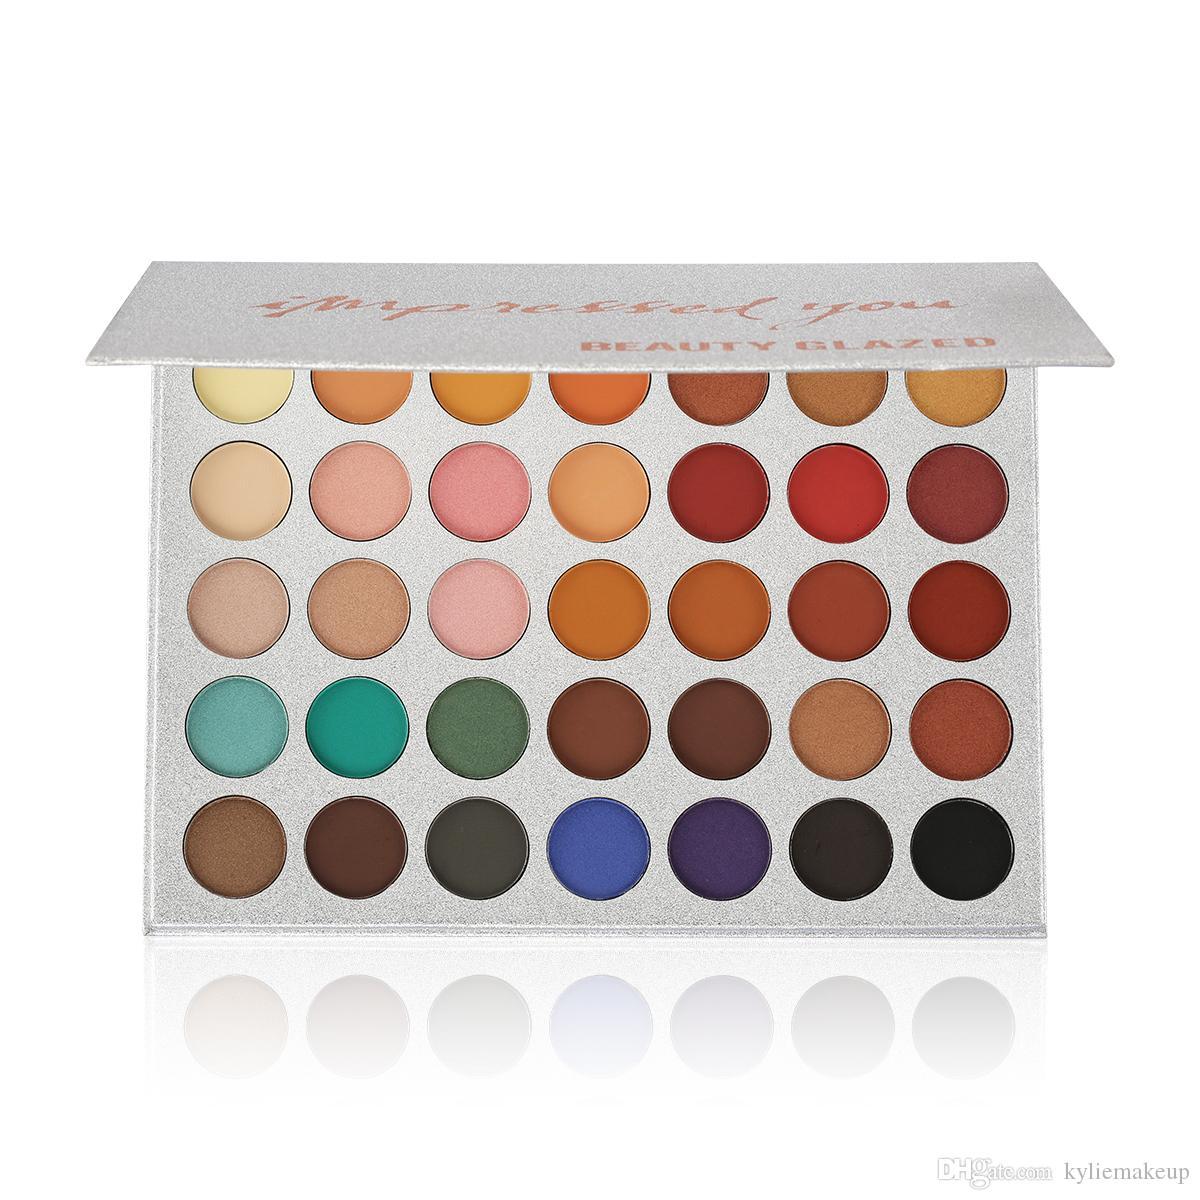 Makyaj Paleti Güzellik Camlı Göz Farı Paleti 35 Renk Size Etkili Mat pırıltılı Göz Farı Paleti güzellik sırlı Marka Kozmetik